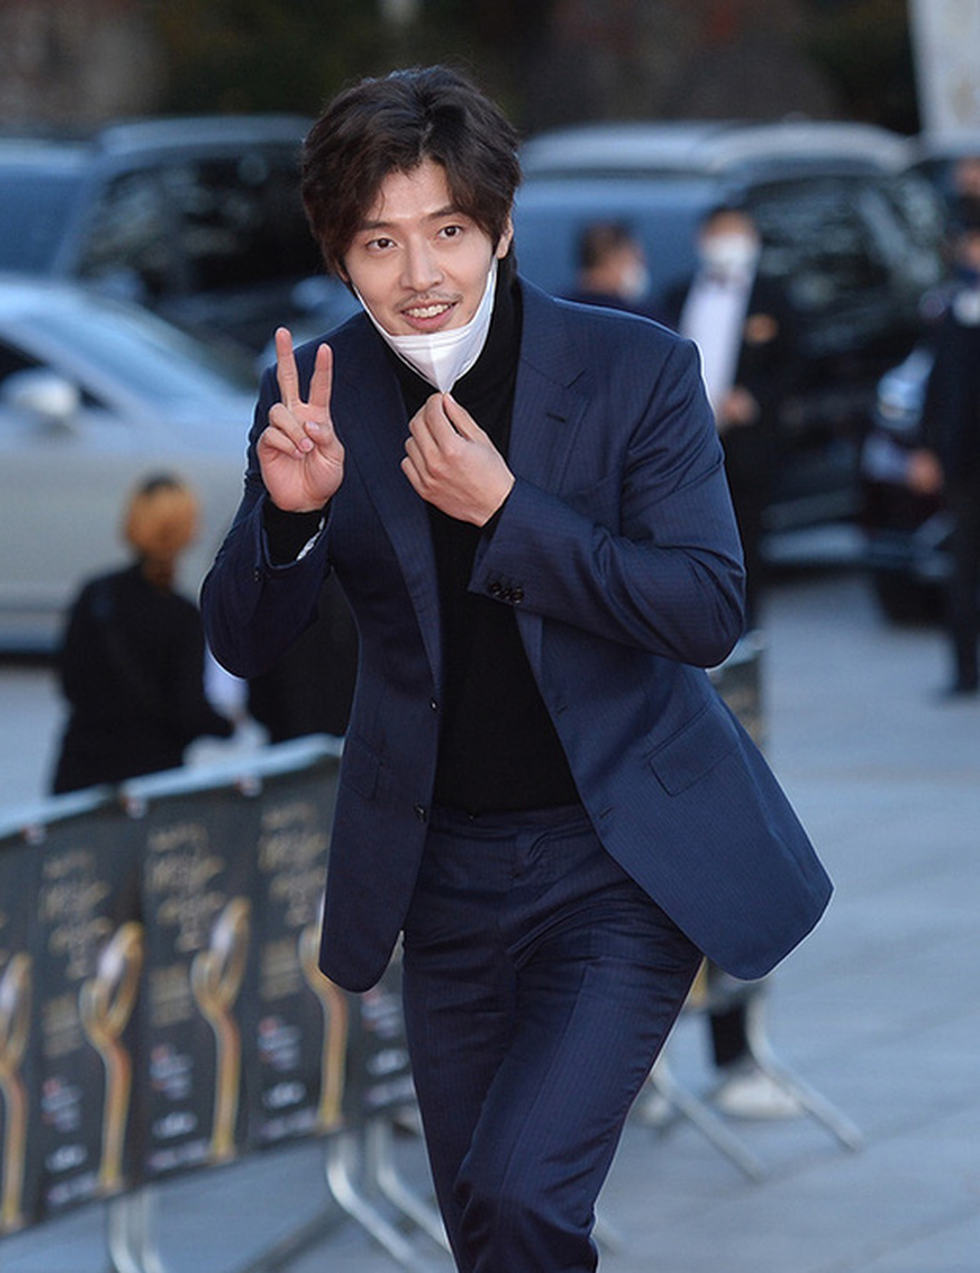 Diễn viên Hạ cánh nơi anh, Thế giới hôn nhân được Hàn Quốc trao bằng khen - Ảnh 5.